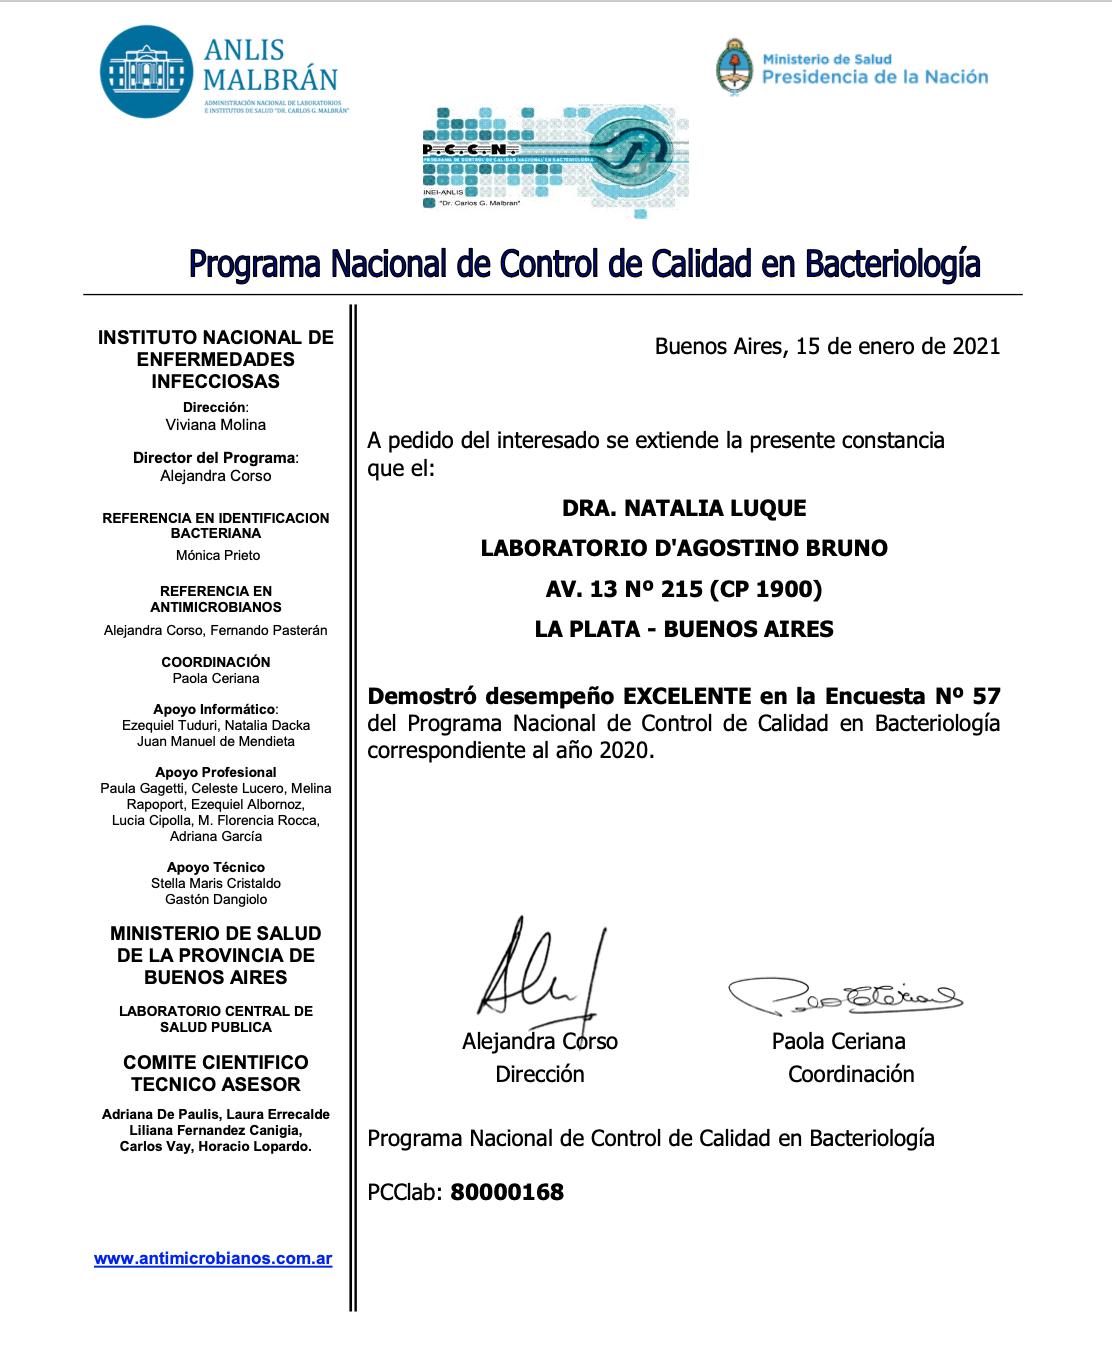 2021 cert participación PCCNAC en 2020 -80000168-Certificado Enc 57